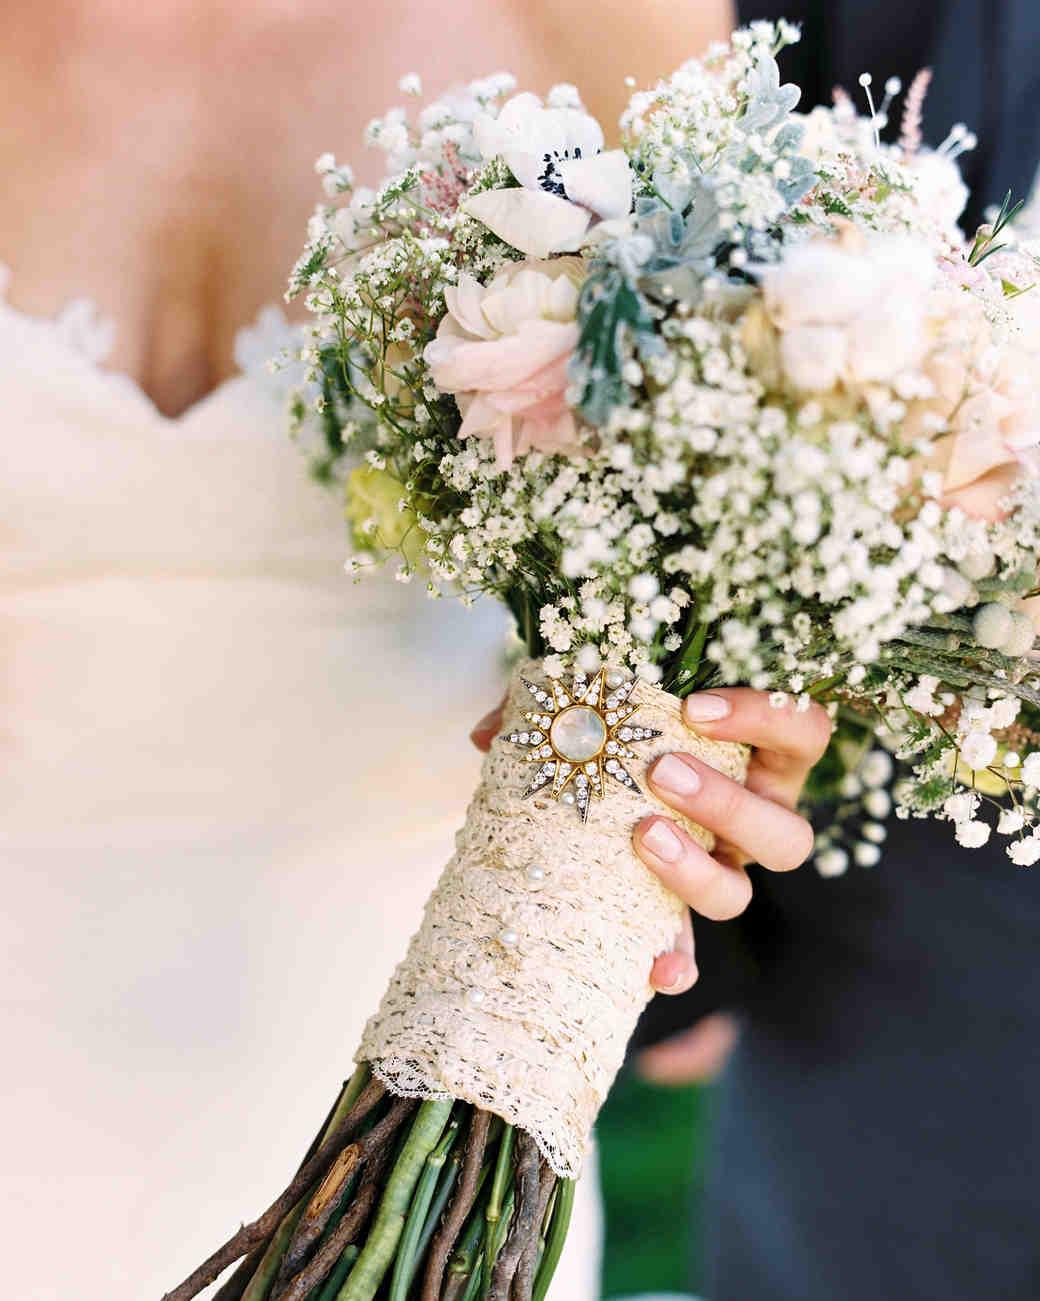 bouquet wraps flowers lace bride